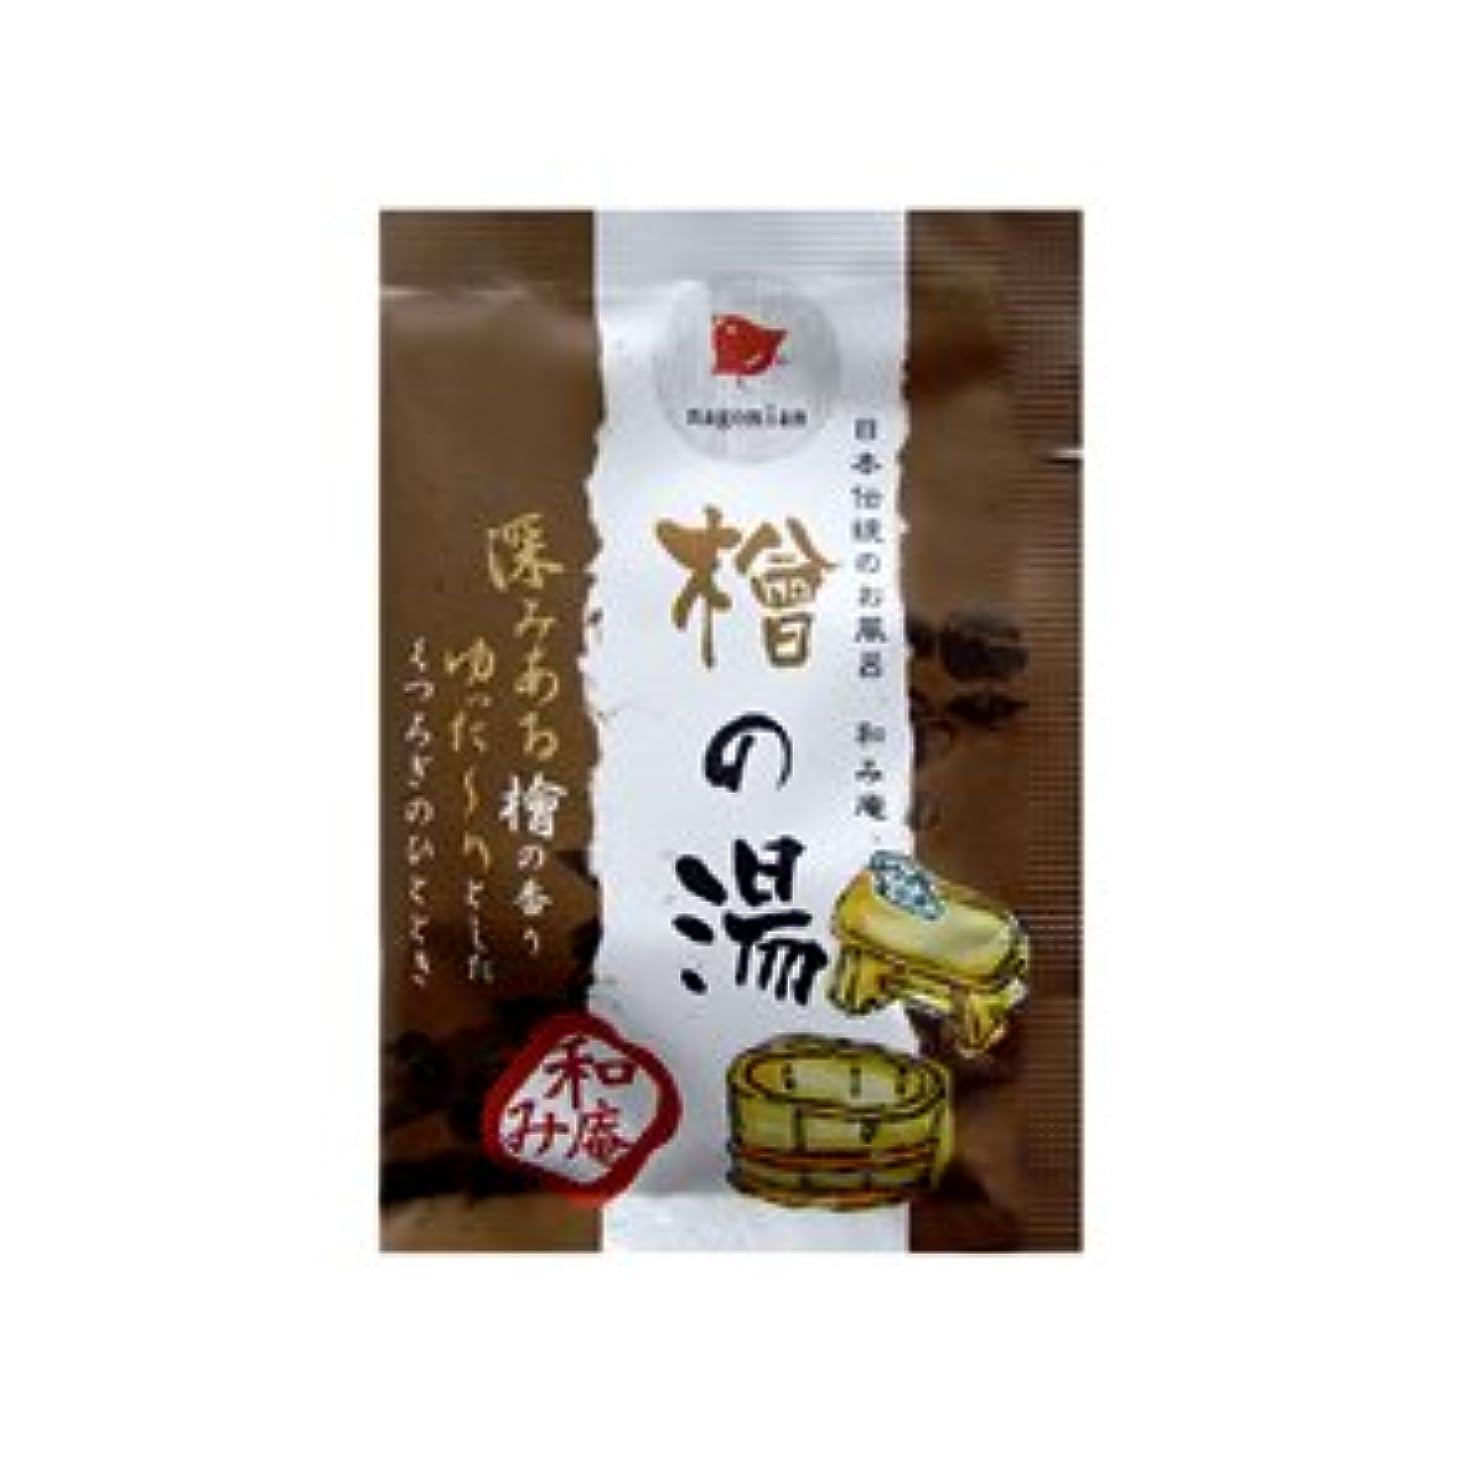 哀簡略化する乳剤日本伝統のお風呂 和み庵 檜の湯 25g 10個セット